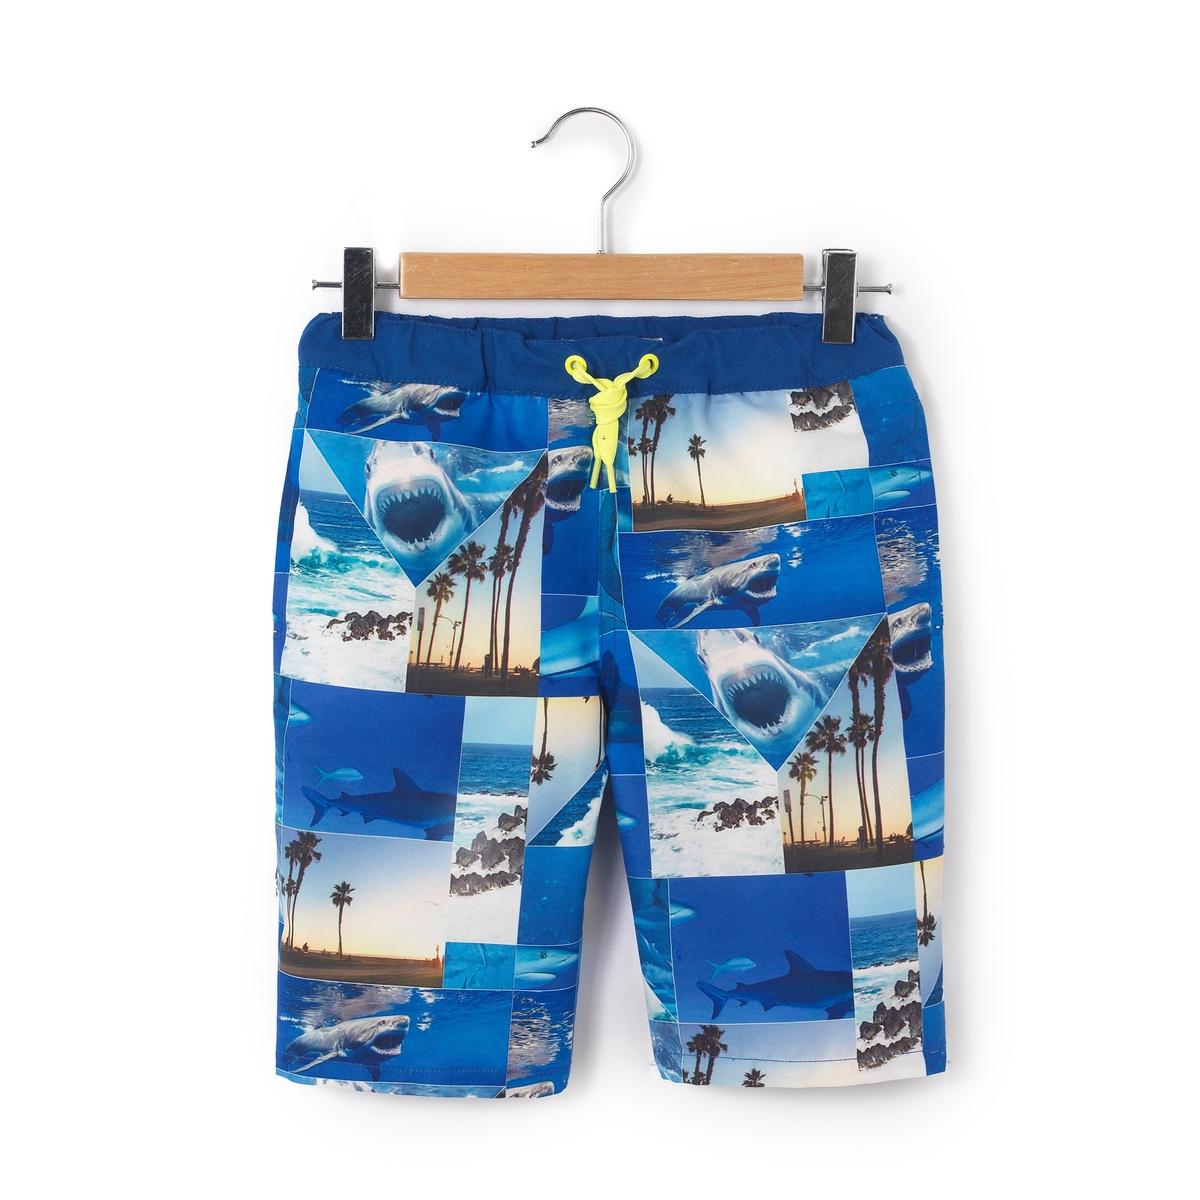 Шорты пляжные темно-синего цвета с рисунком, 8-14 летПляжные шорты темно-синего цвета NAME IT. Рисунок акулы и пальмы. Эластичный пояс. Завязки контрастного цвета.              Состав и описание              Материал       100% полиэстер       Марка       NAME IT              Уход       Машинная стирка при 30 °C       Гладить при низкой температуре       Машинная сушка запрещена<br><br>Цвет: синий морской волны<br>Размер: 13 лет -153 см